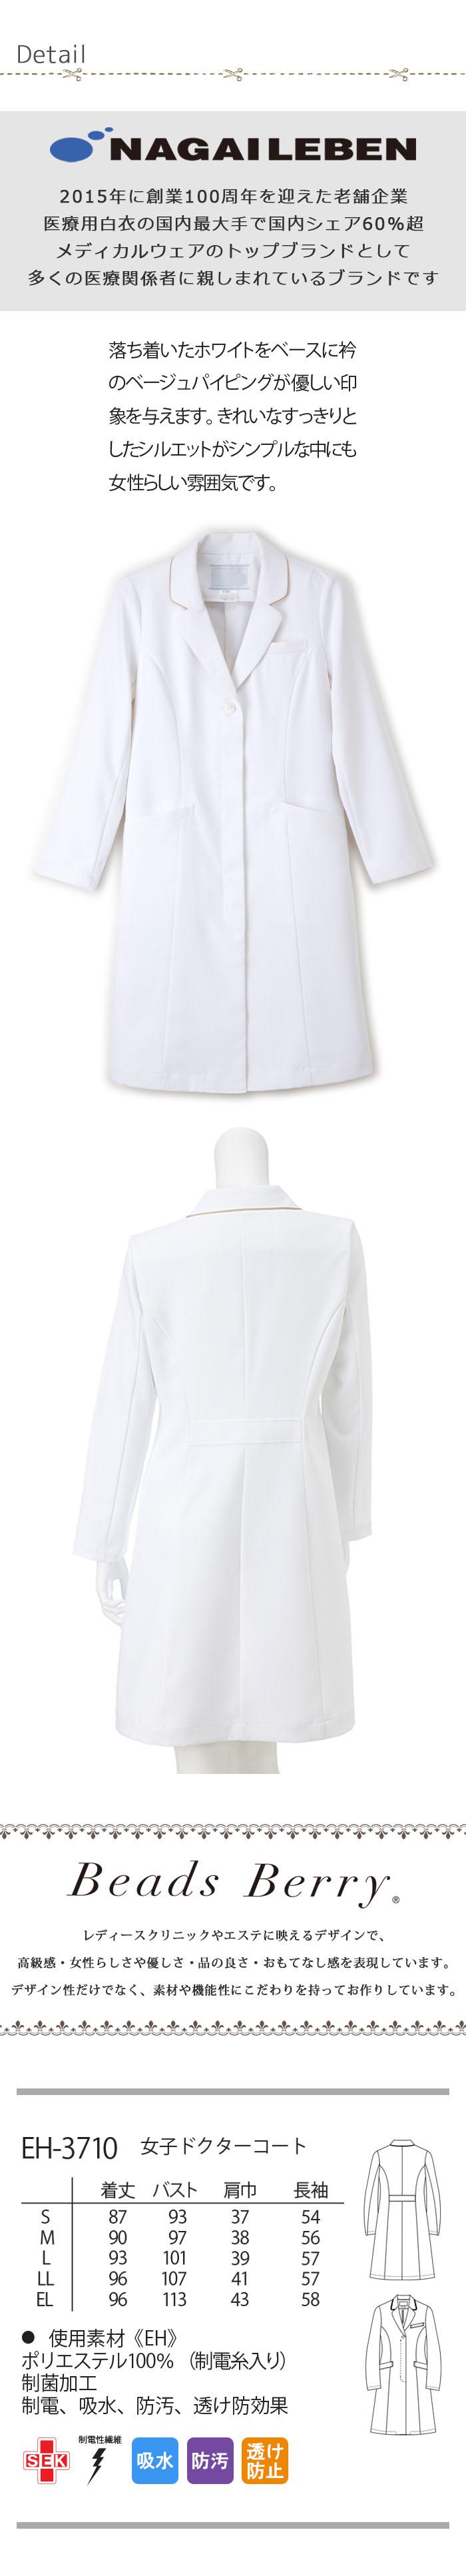 【歯科・医療ユニフォーム】シンプルですっきりとしたシルエットのドクターコート【1色】女性用